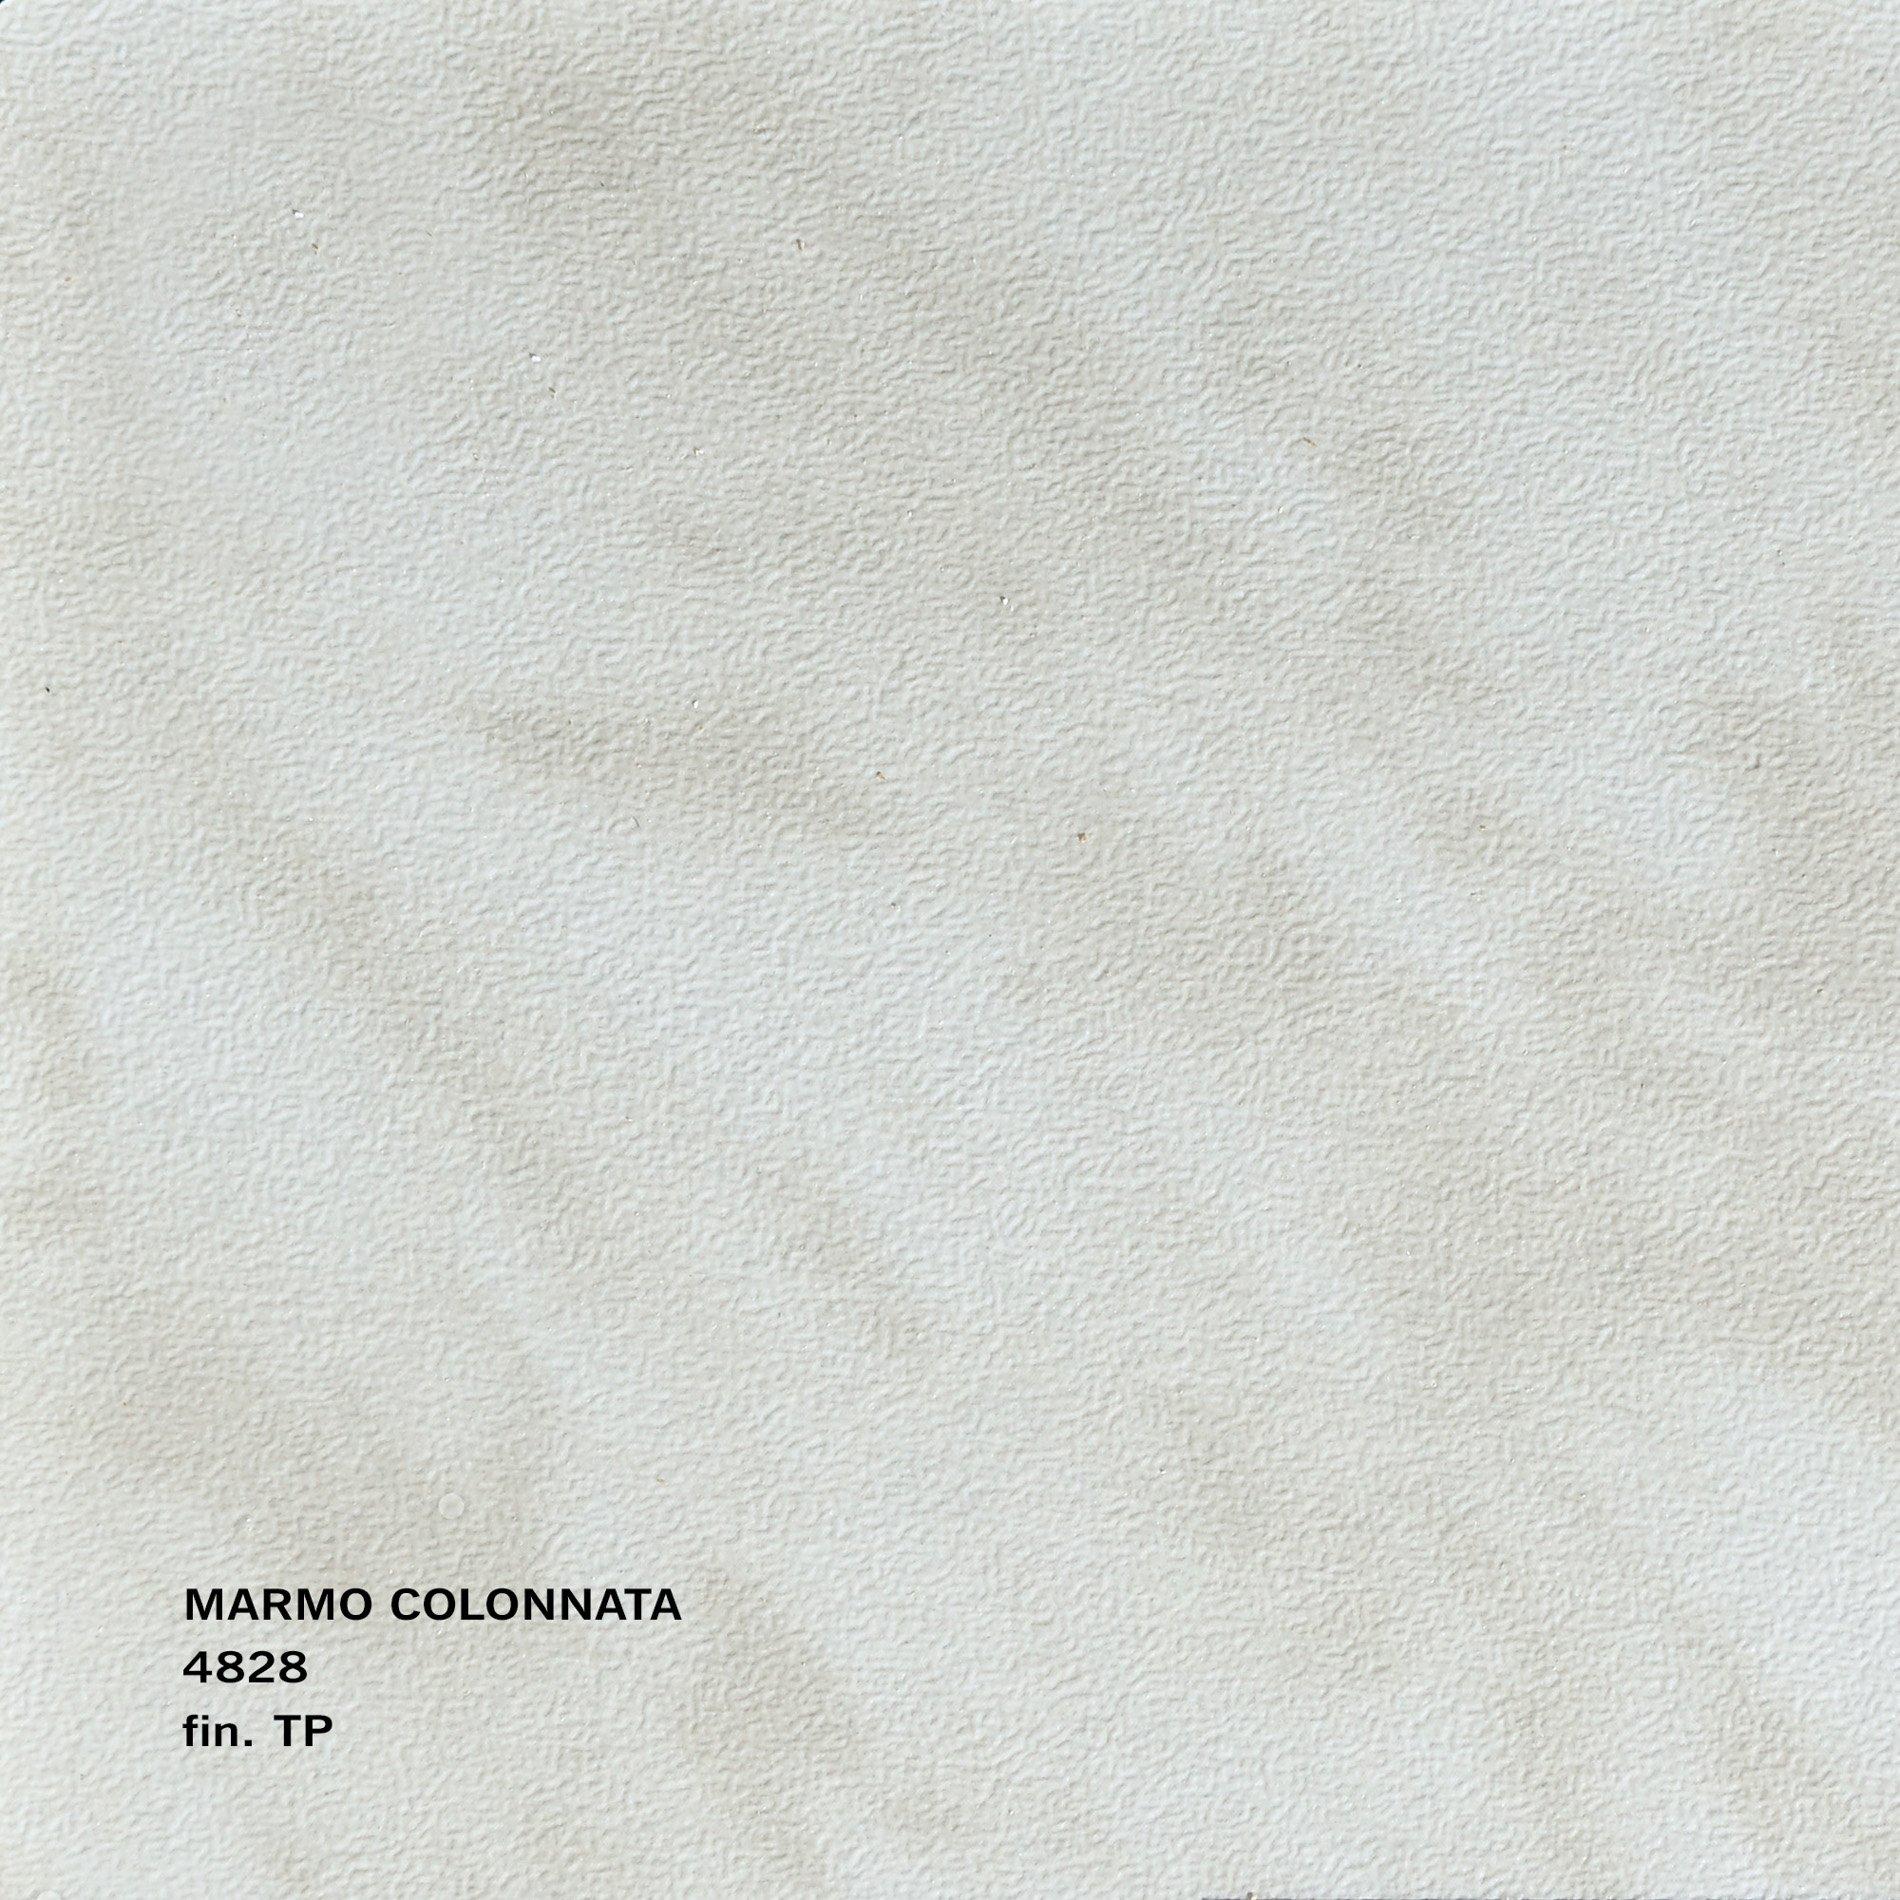 Marmo Colonnata_TP